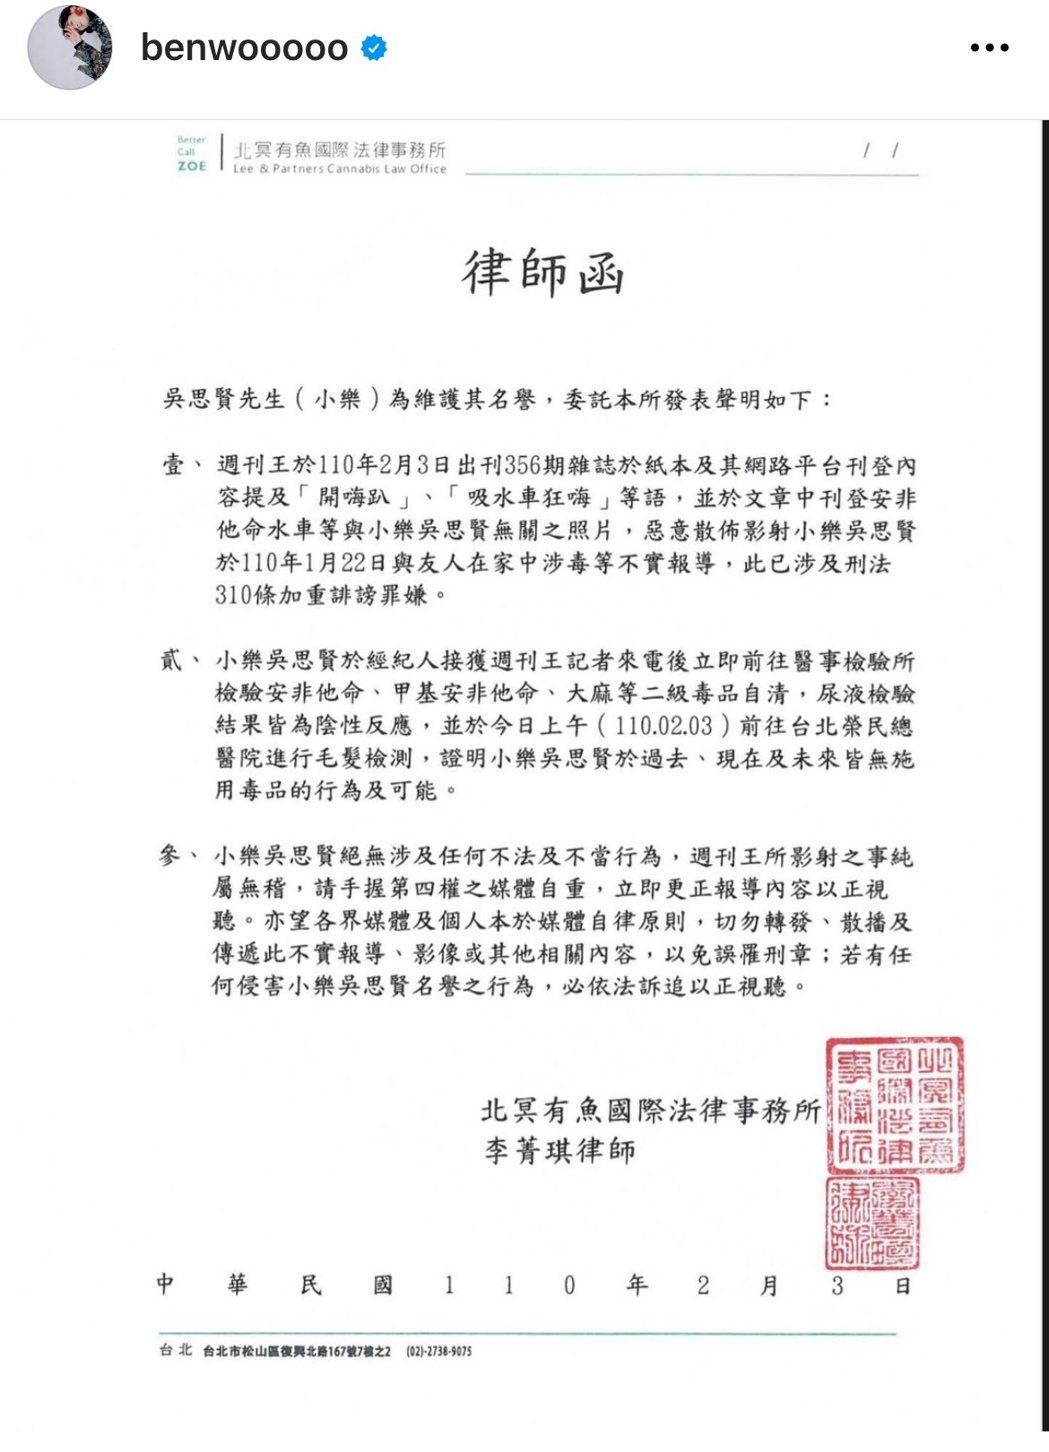 小樂發出聲明,否認涉毒。圖/摘自IG